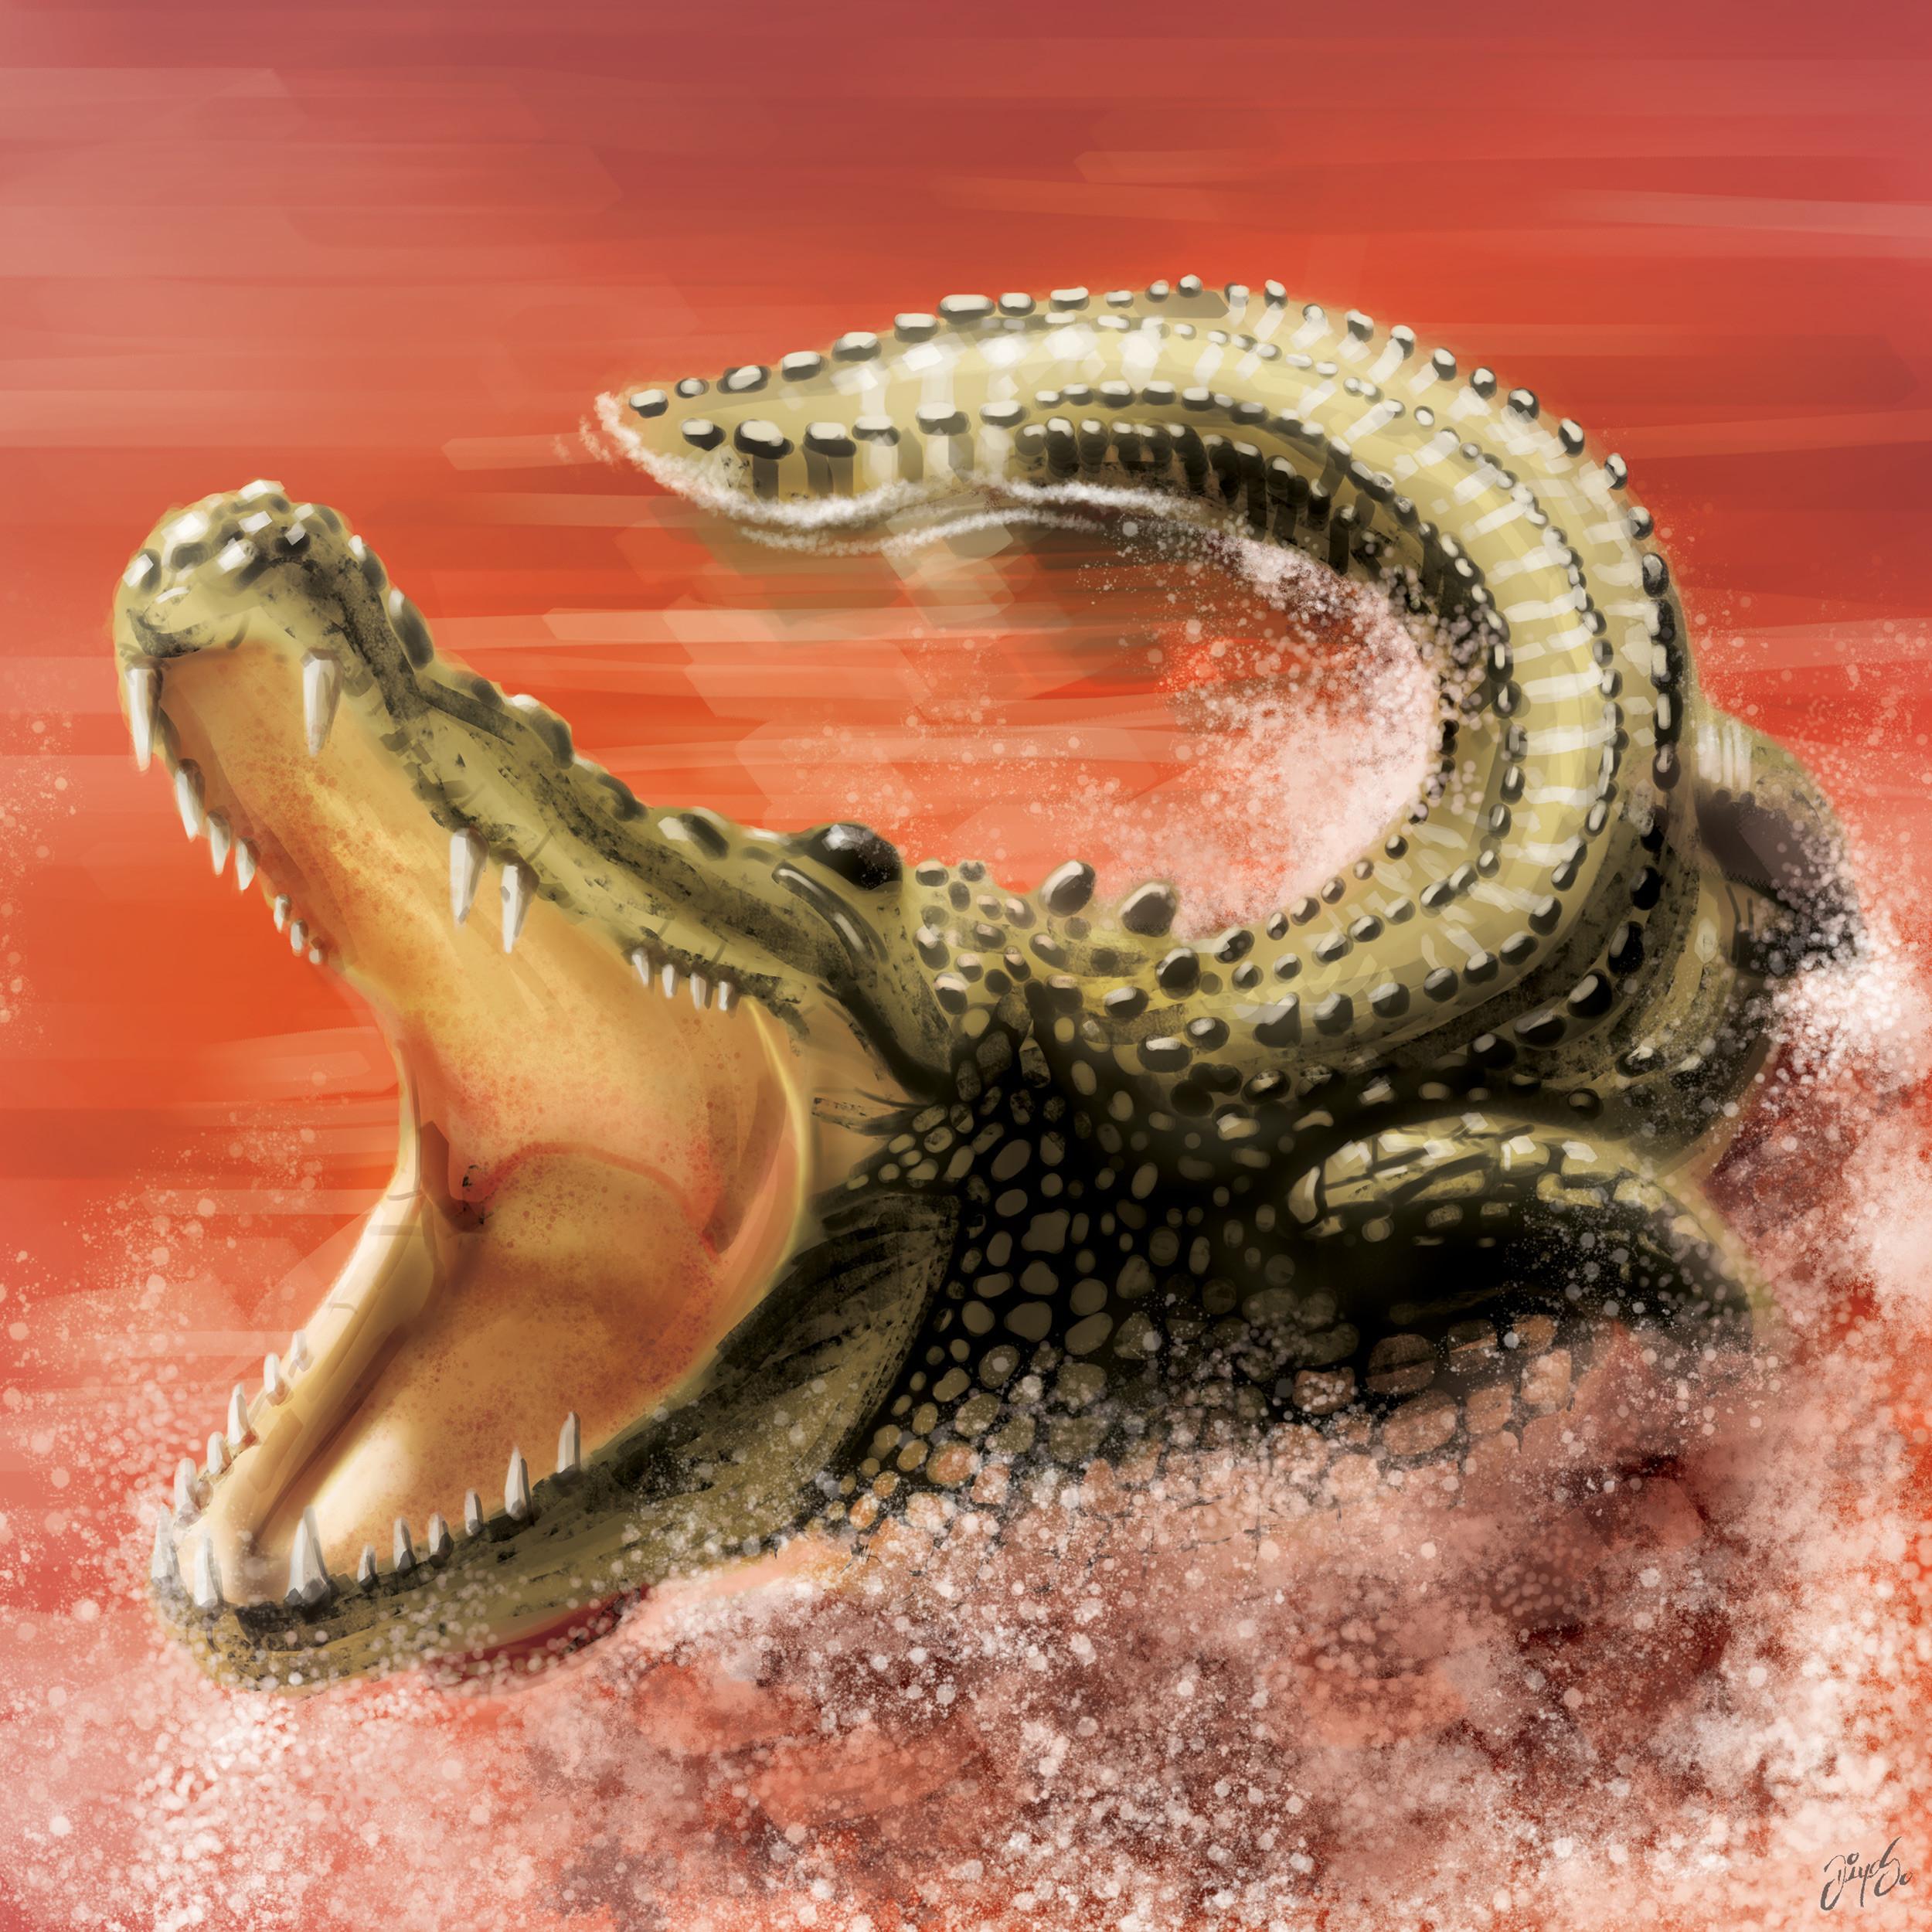 Tile illustration - Crocodile